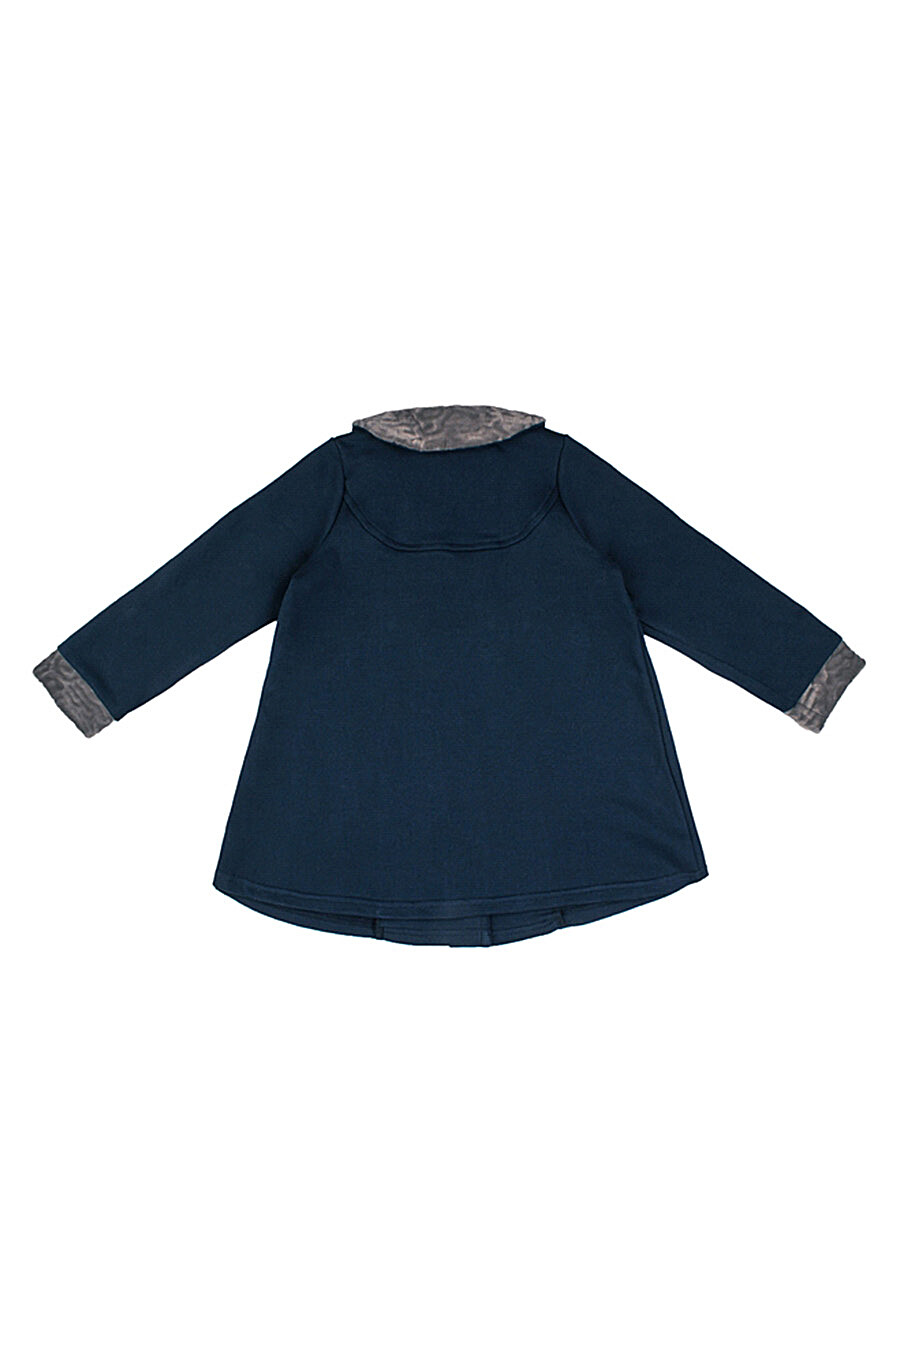 Куртка для девочек Archi 131247 купить оптом от производителя. Совместная покупка детской одежды в OptMoyo